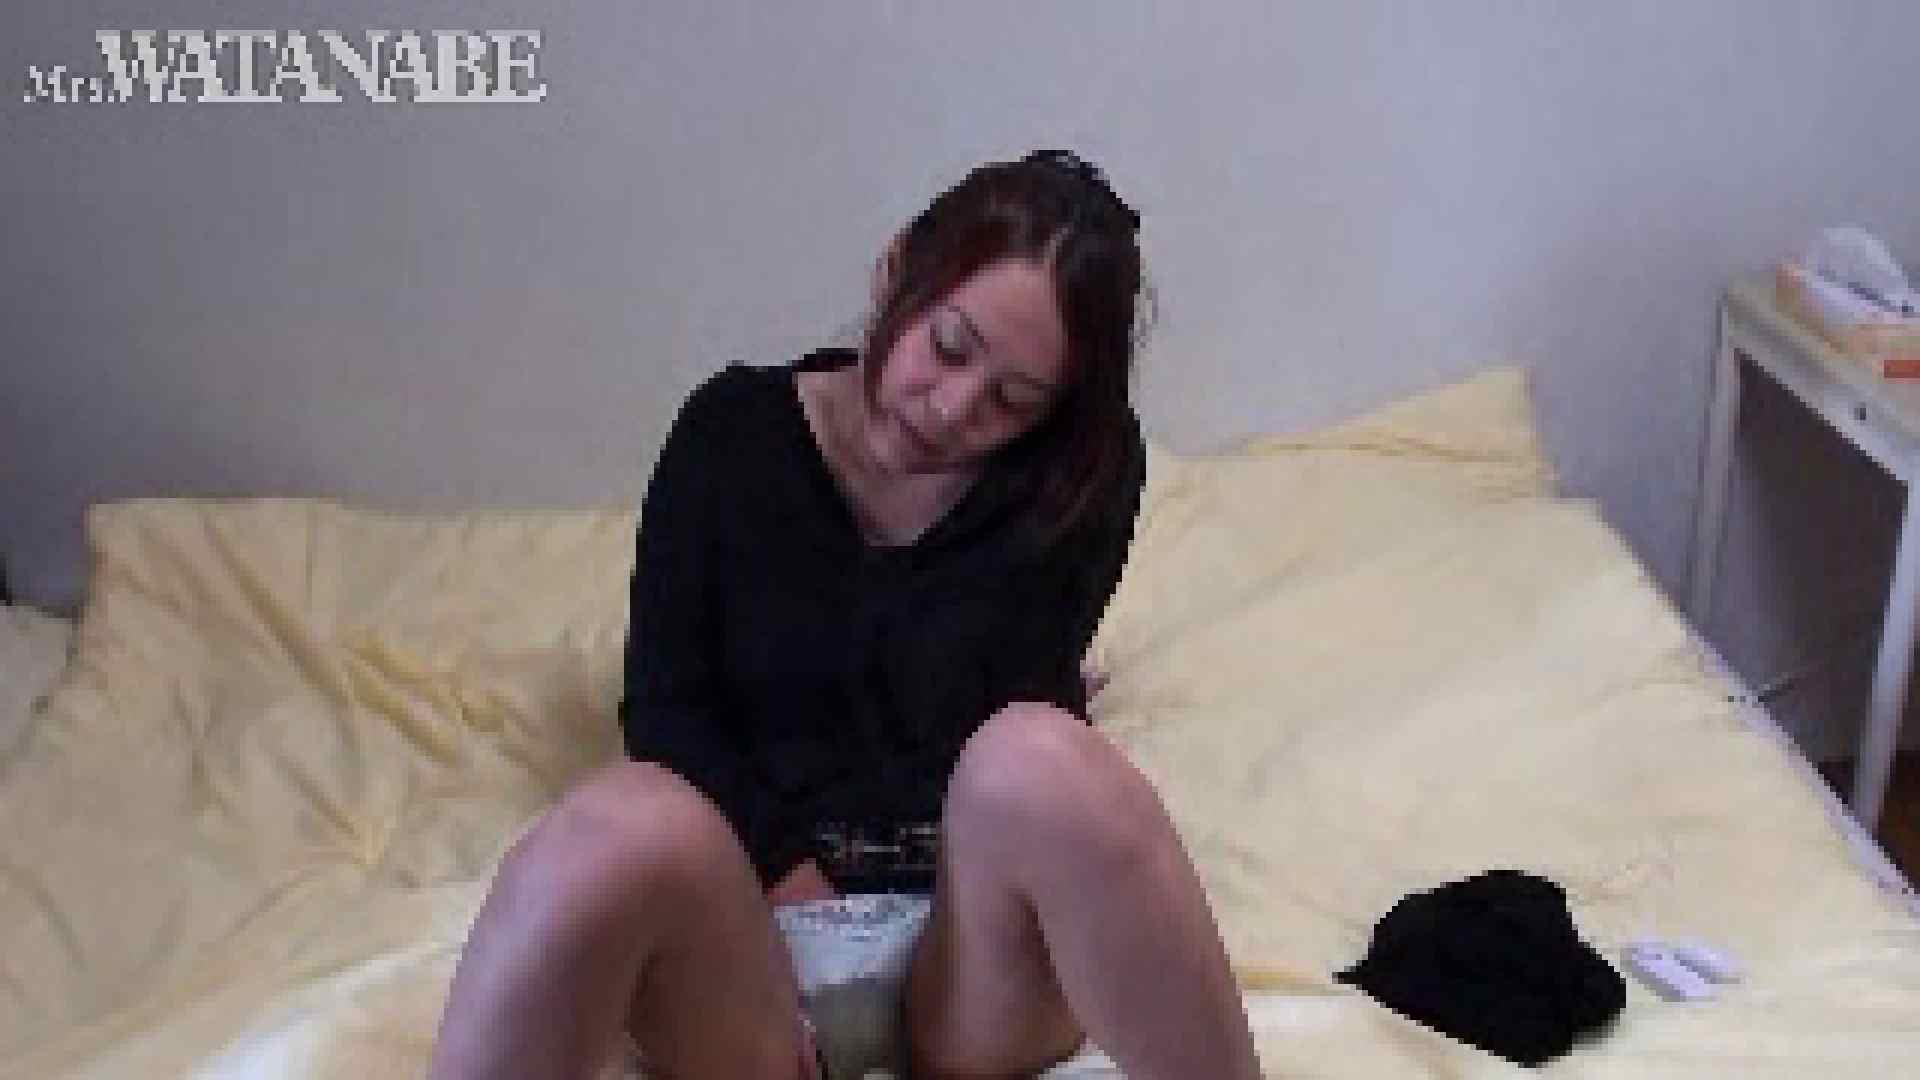 SNSで出会った人妻をハメ撮りしちゃいます 2回目 前編 人妻達のヌード | オナニー特集  65連発 56